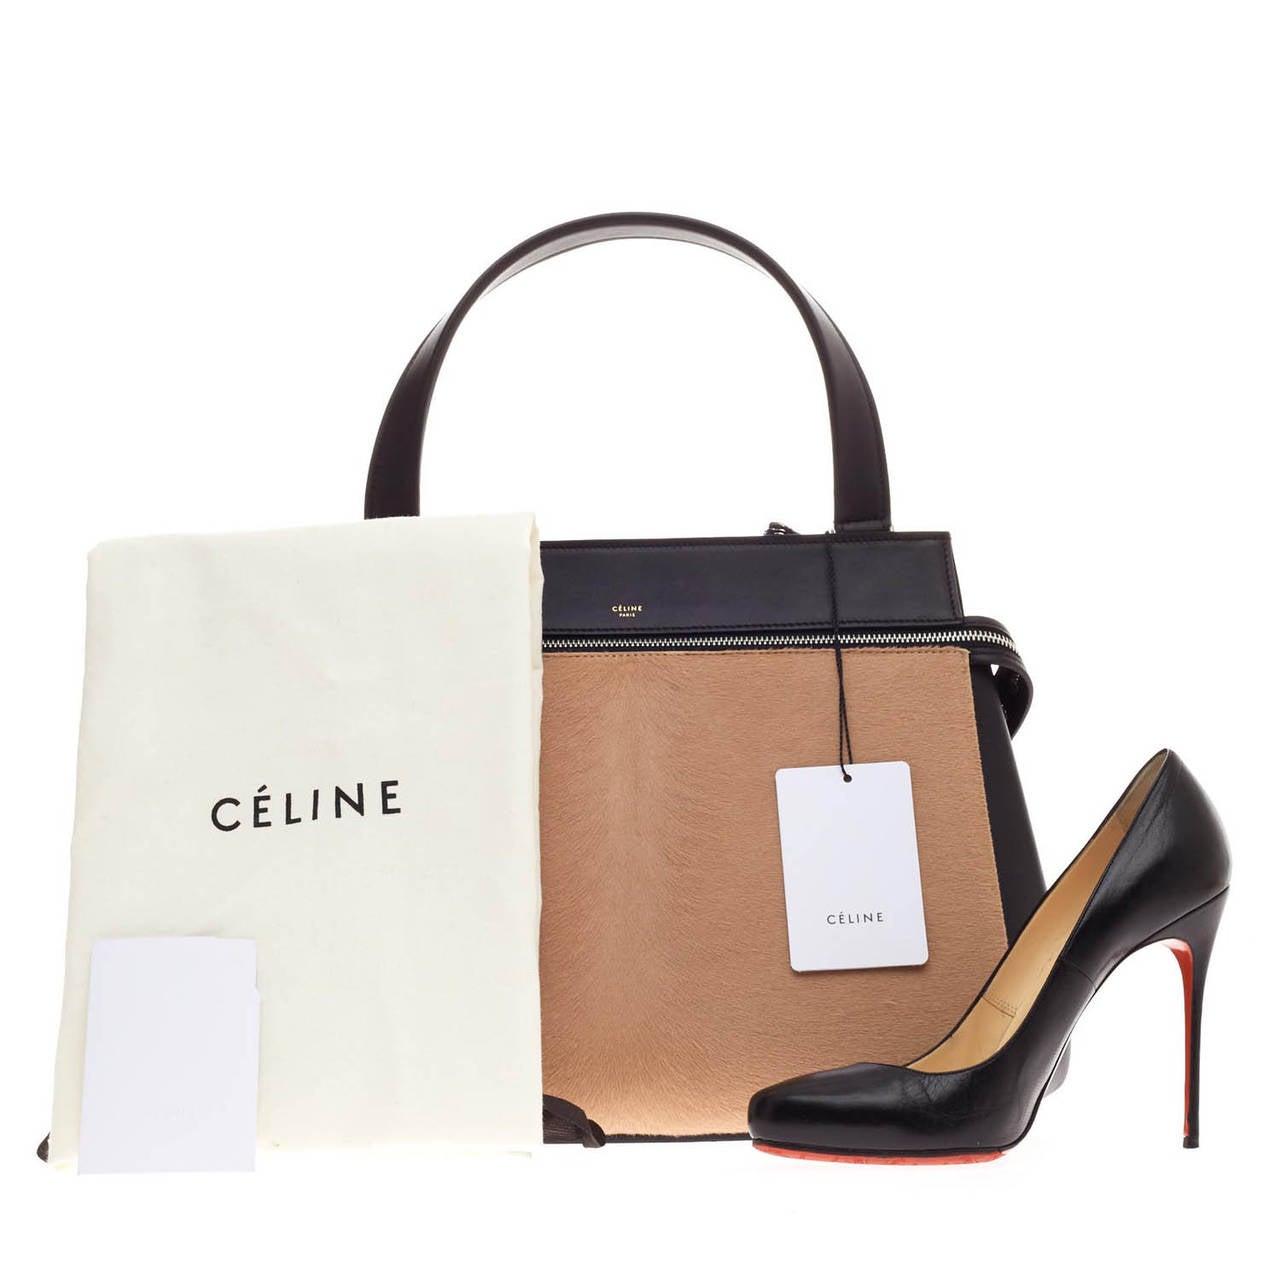 celine croc luggage tote - Celine Edge Pony Hair Medium at 1stdibs